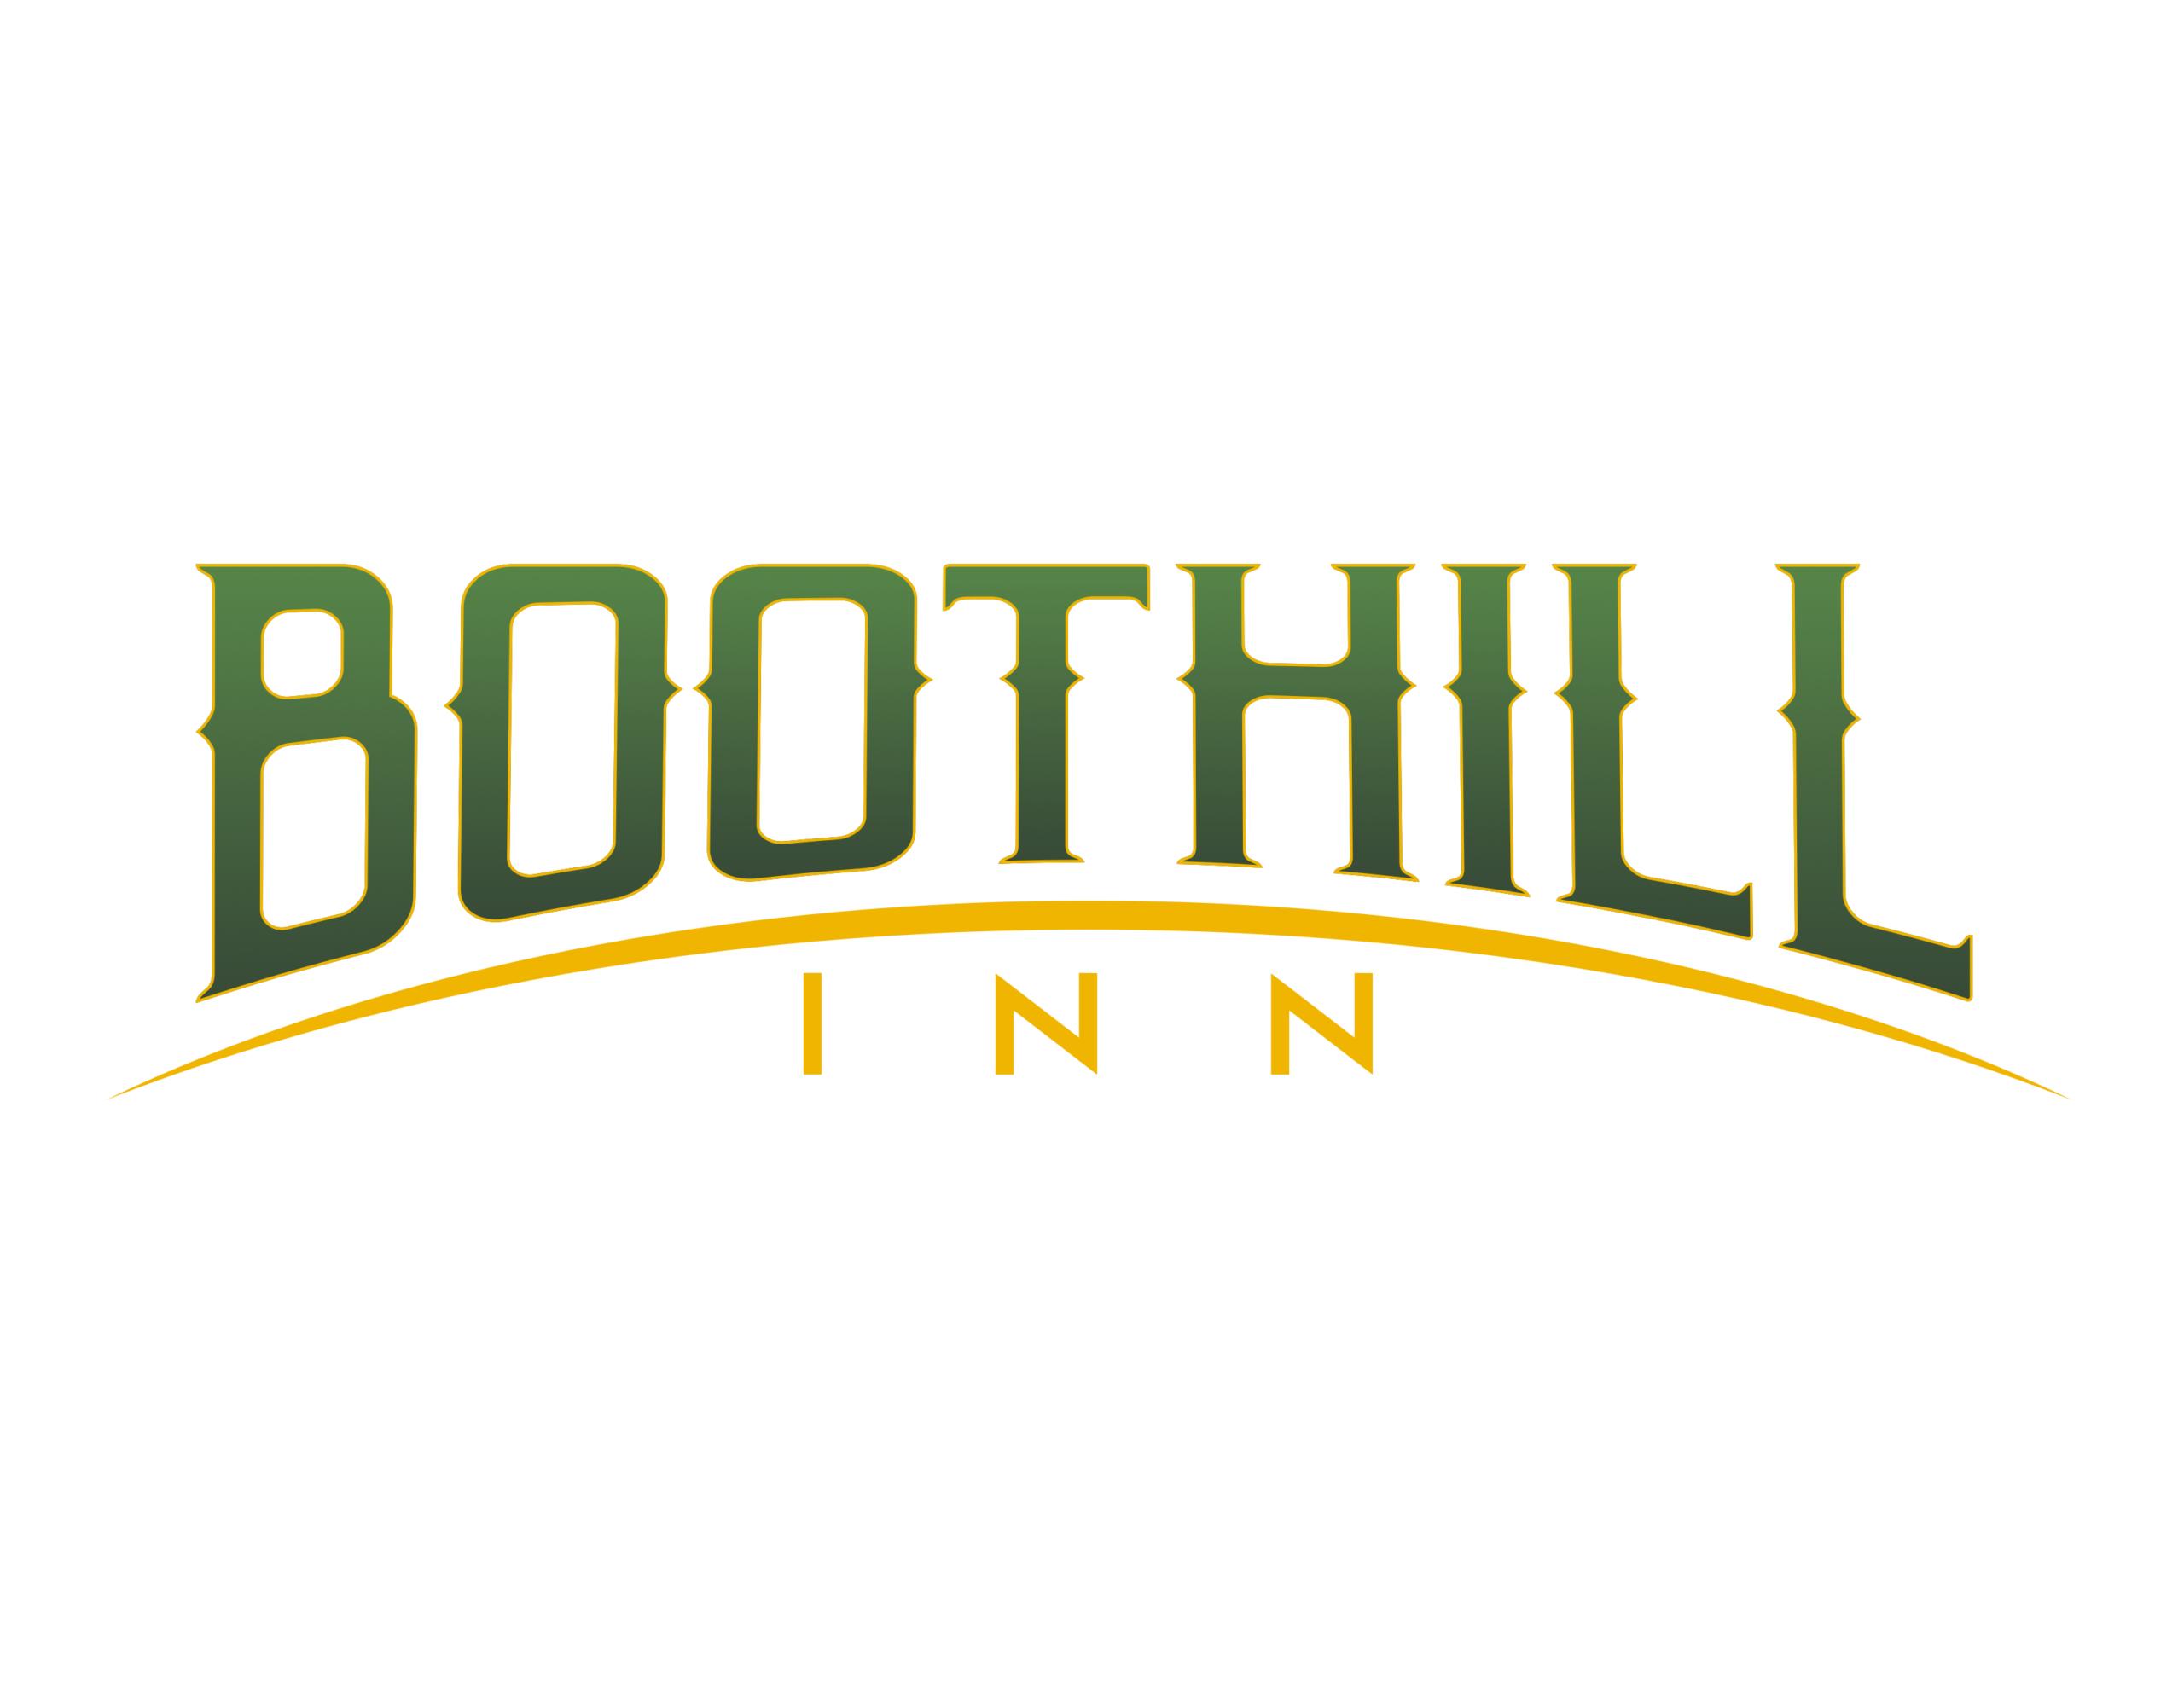 BootHill Inn